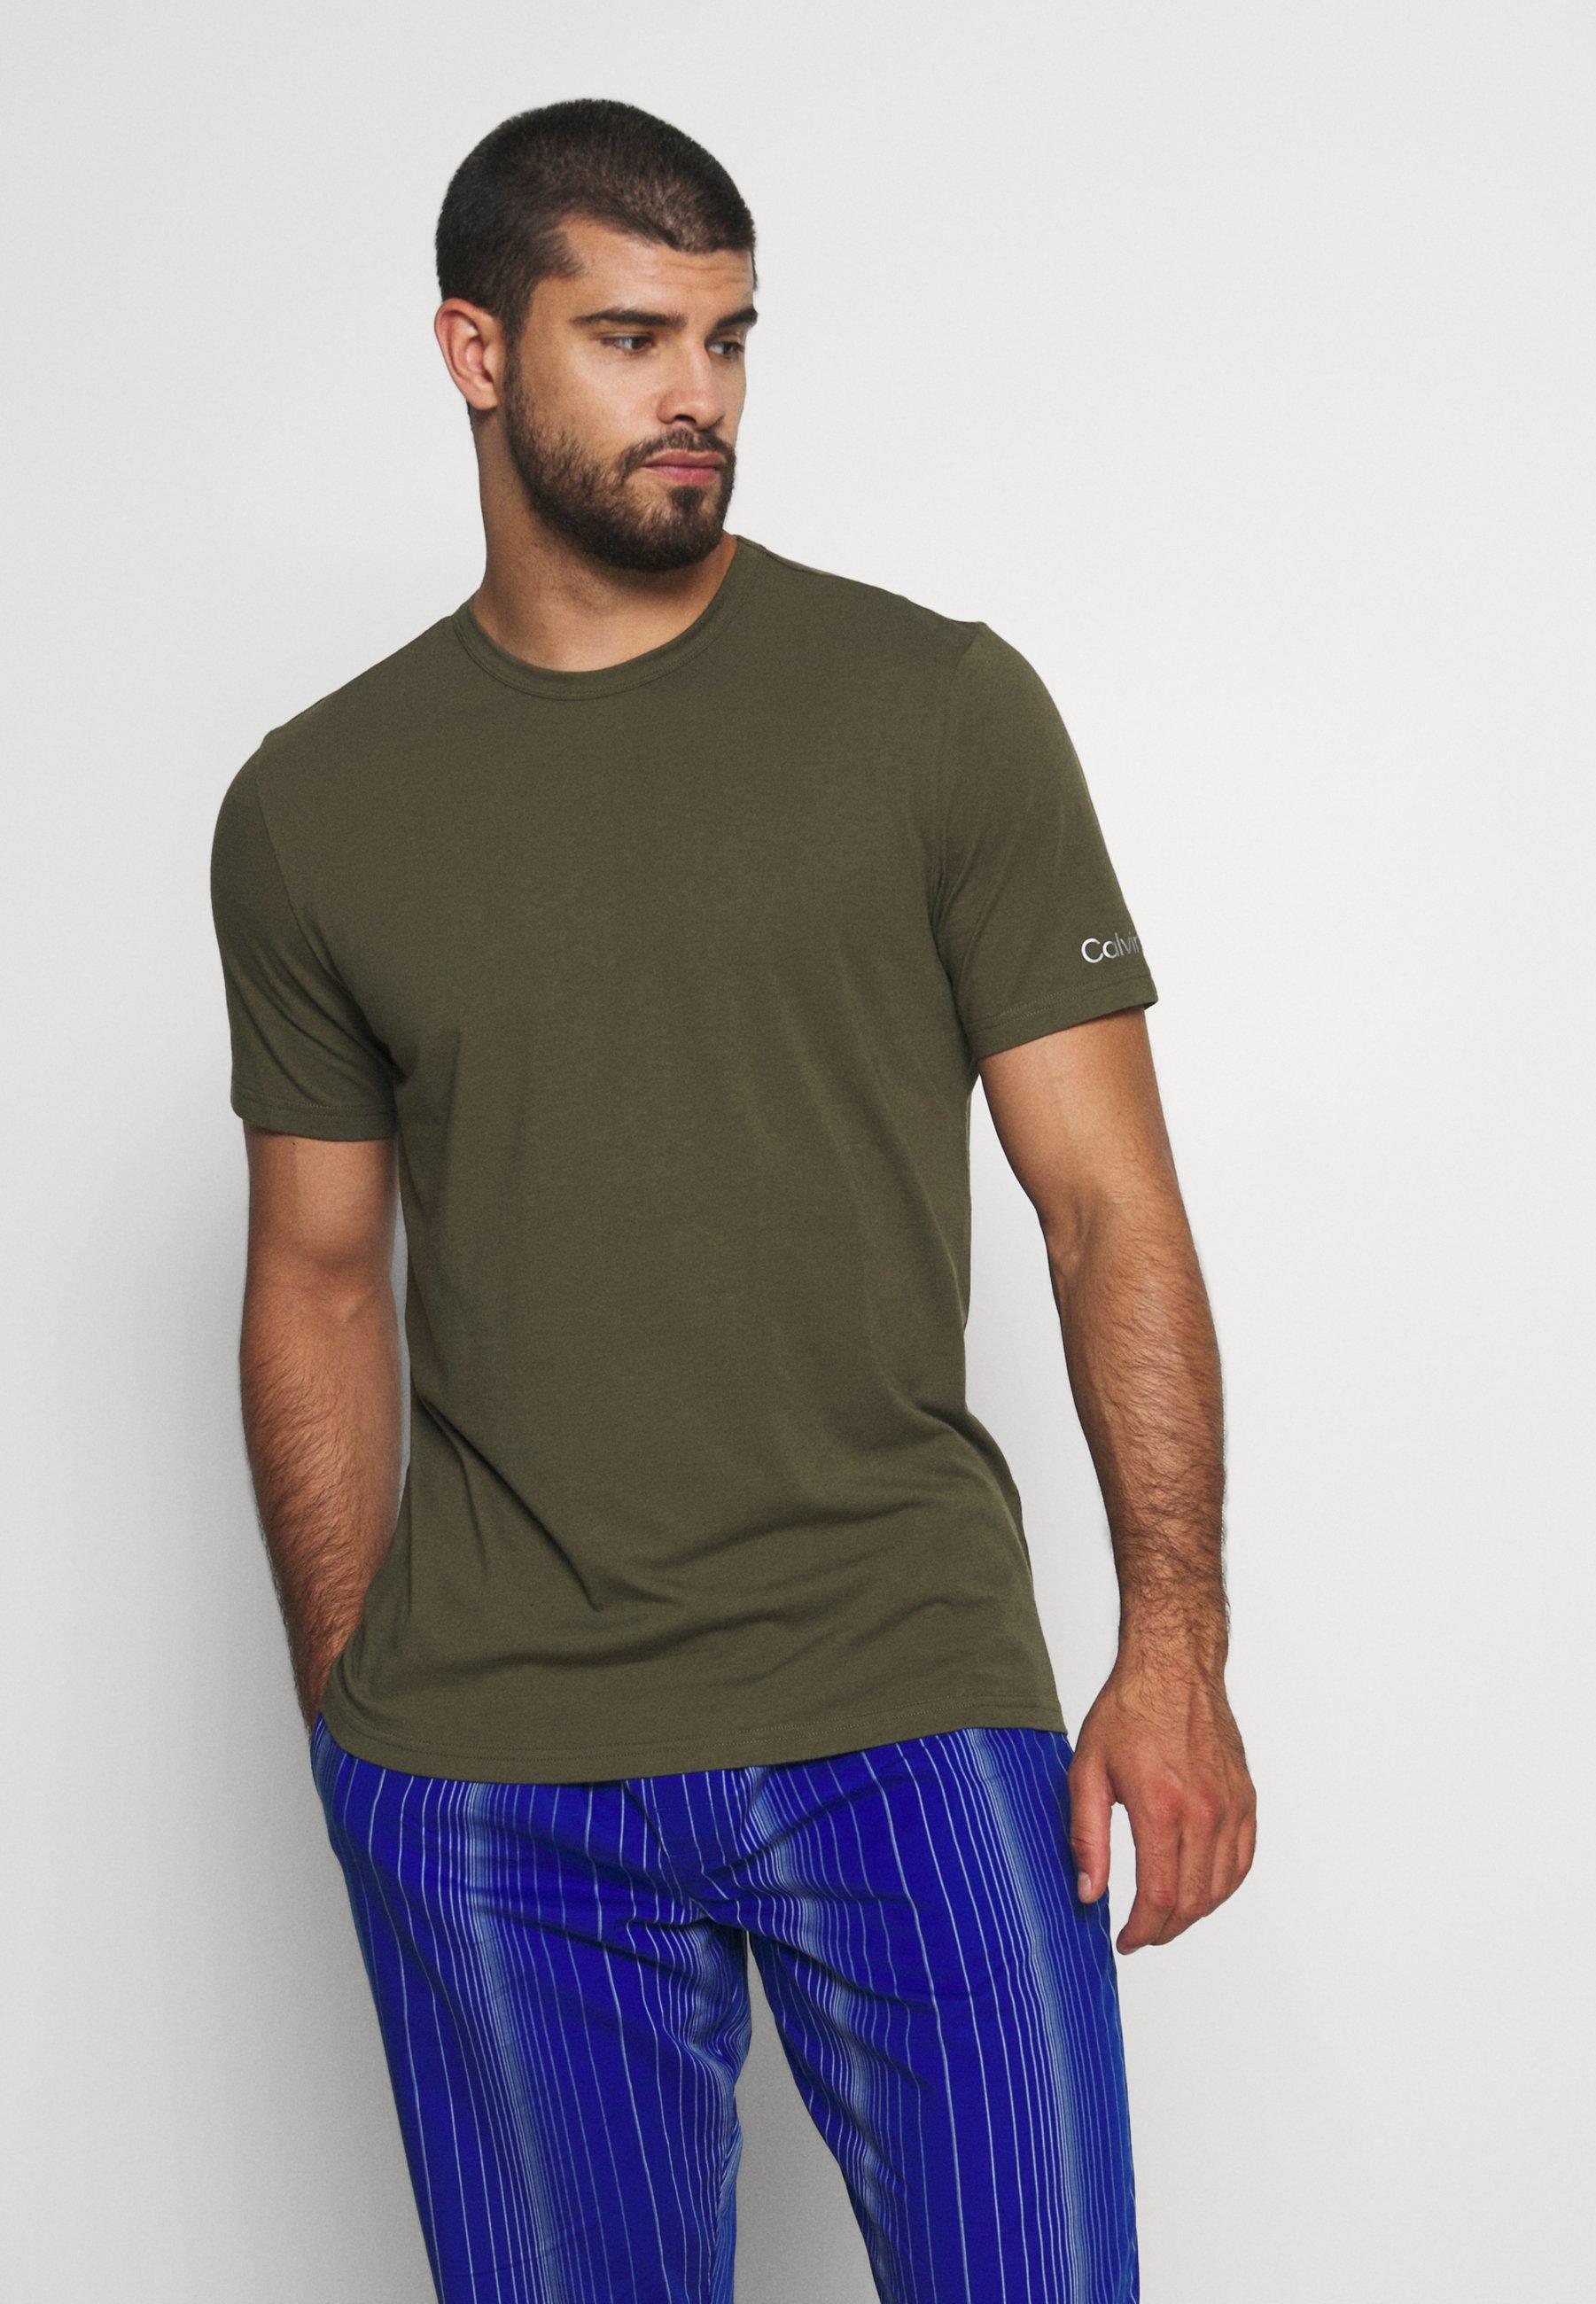 Herren GALVANIZE LOUNGE CREW NECK - Nachtwäsche Shirt